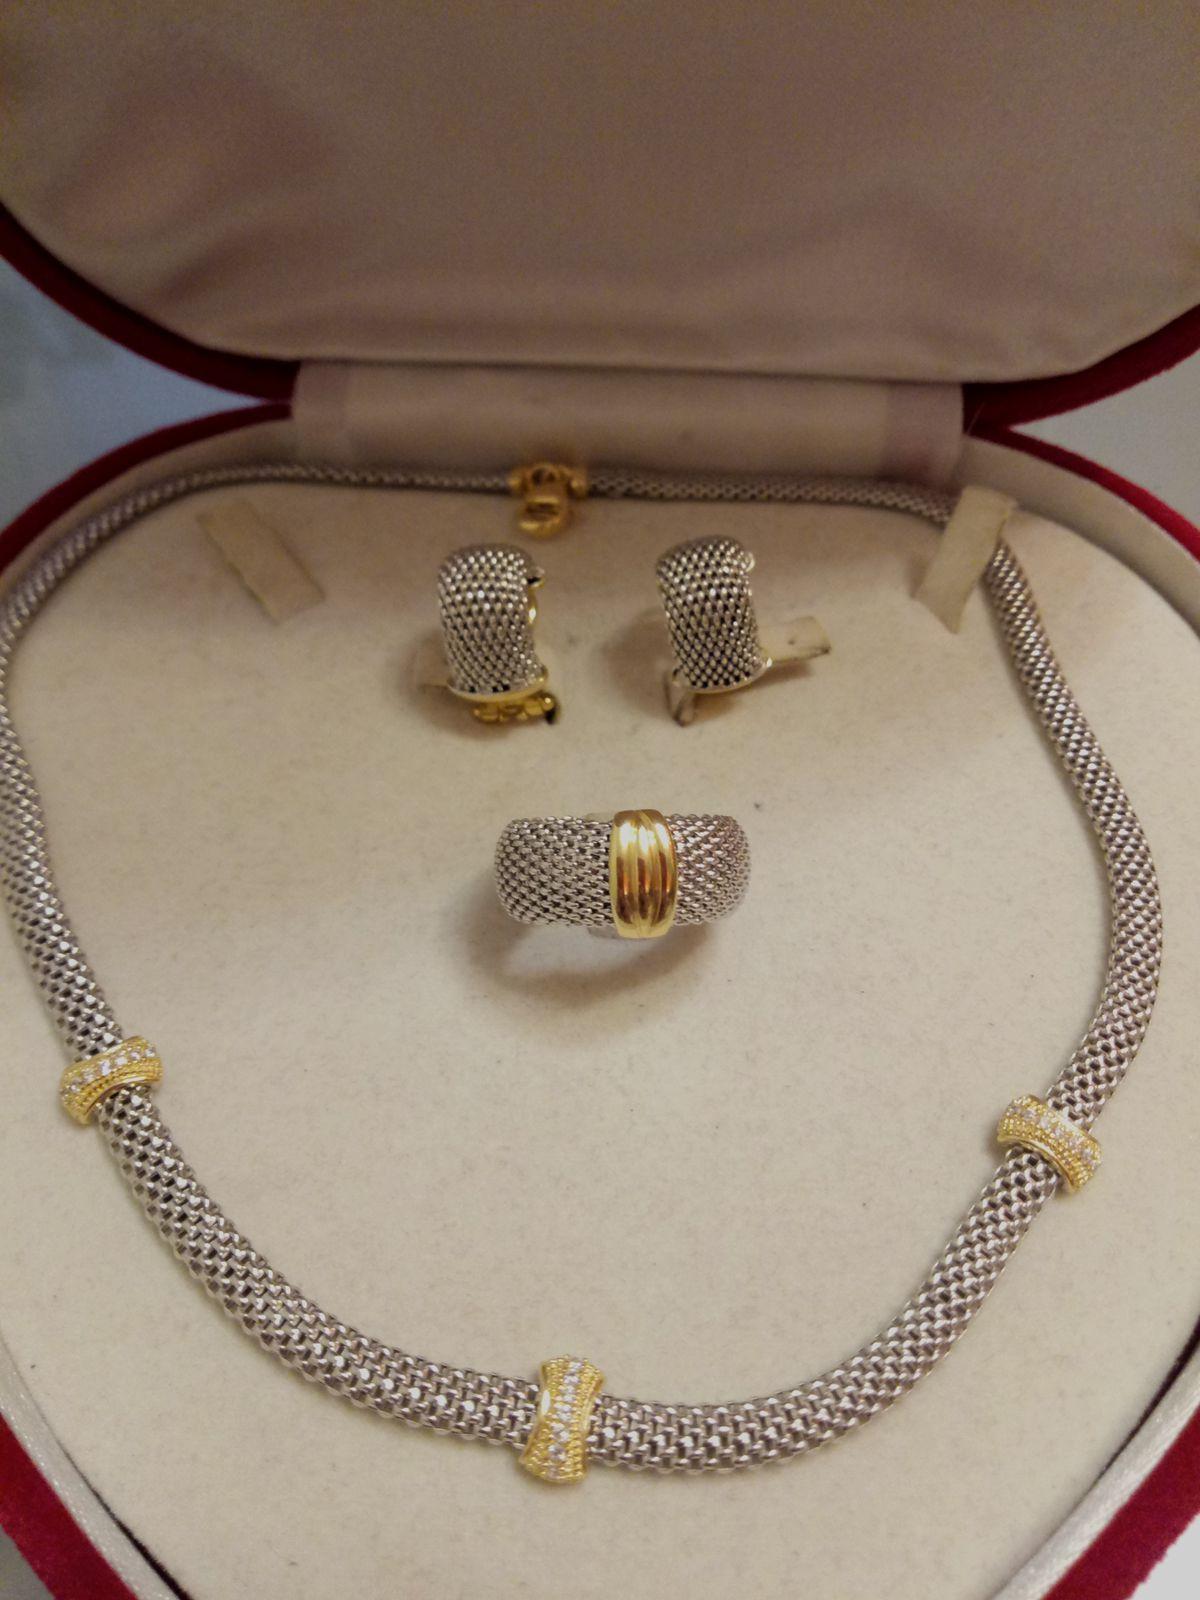 Покупаю третью вещь из серии Amalfi! До колье было куплено кольцо и серьги!